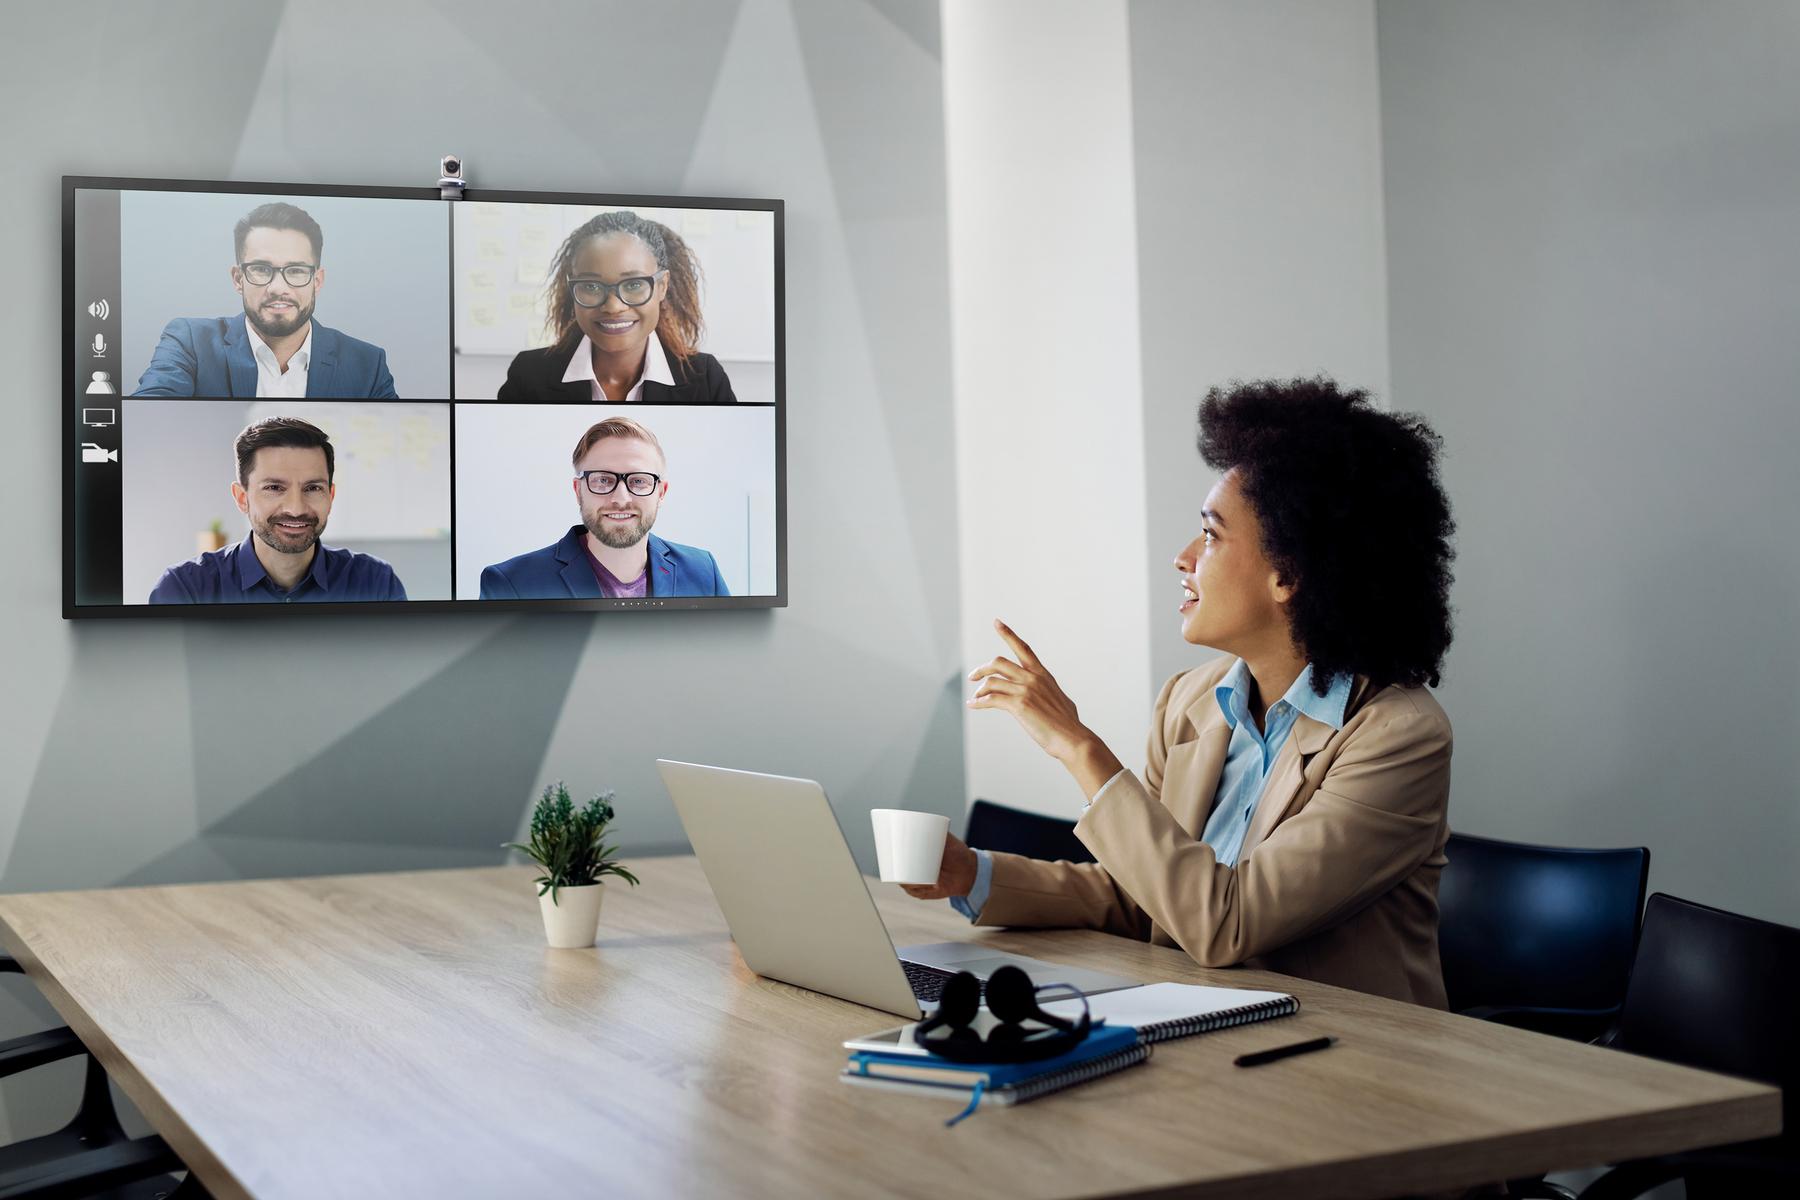 Conférences vidéo – 5 conseils